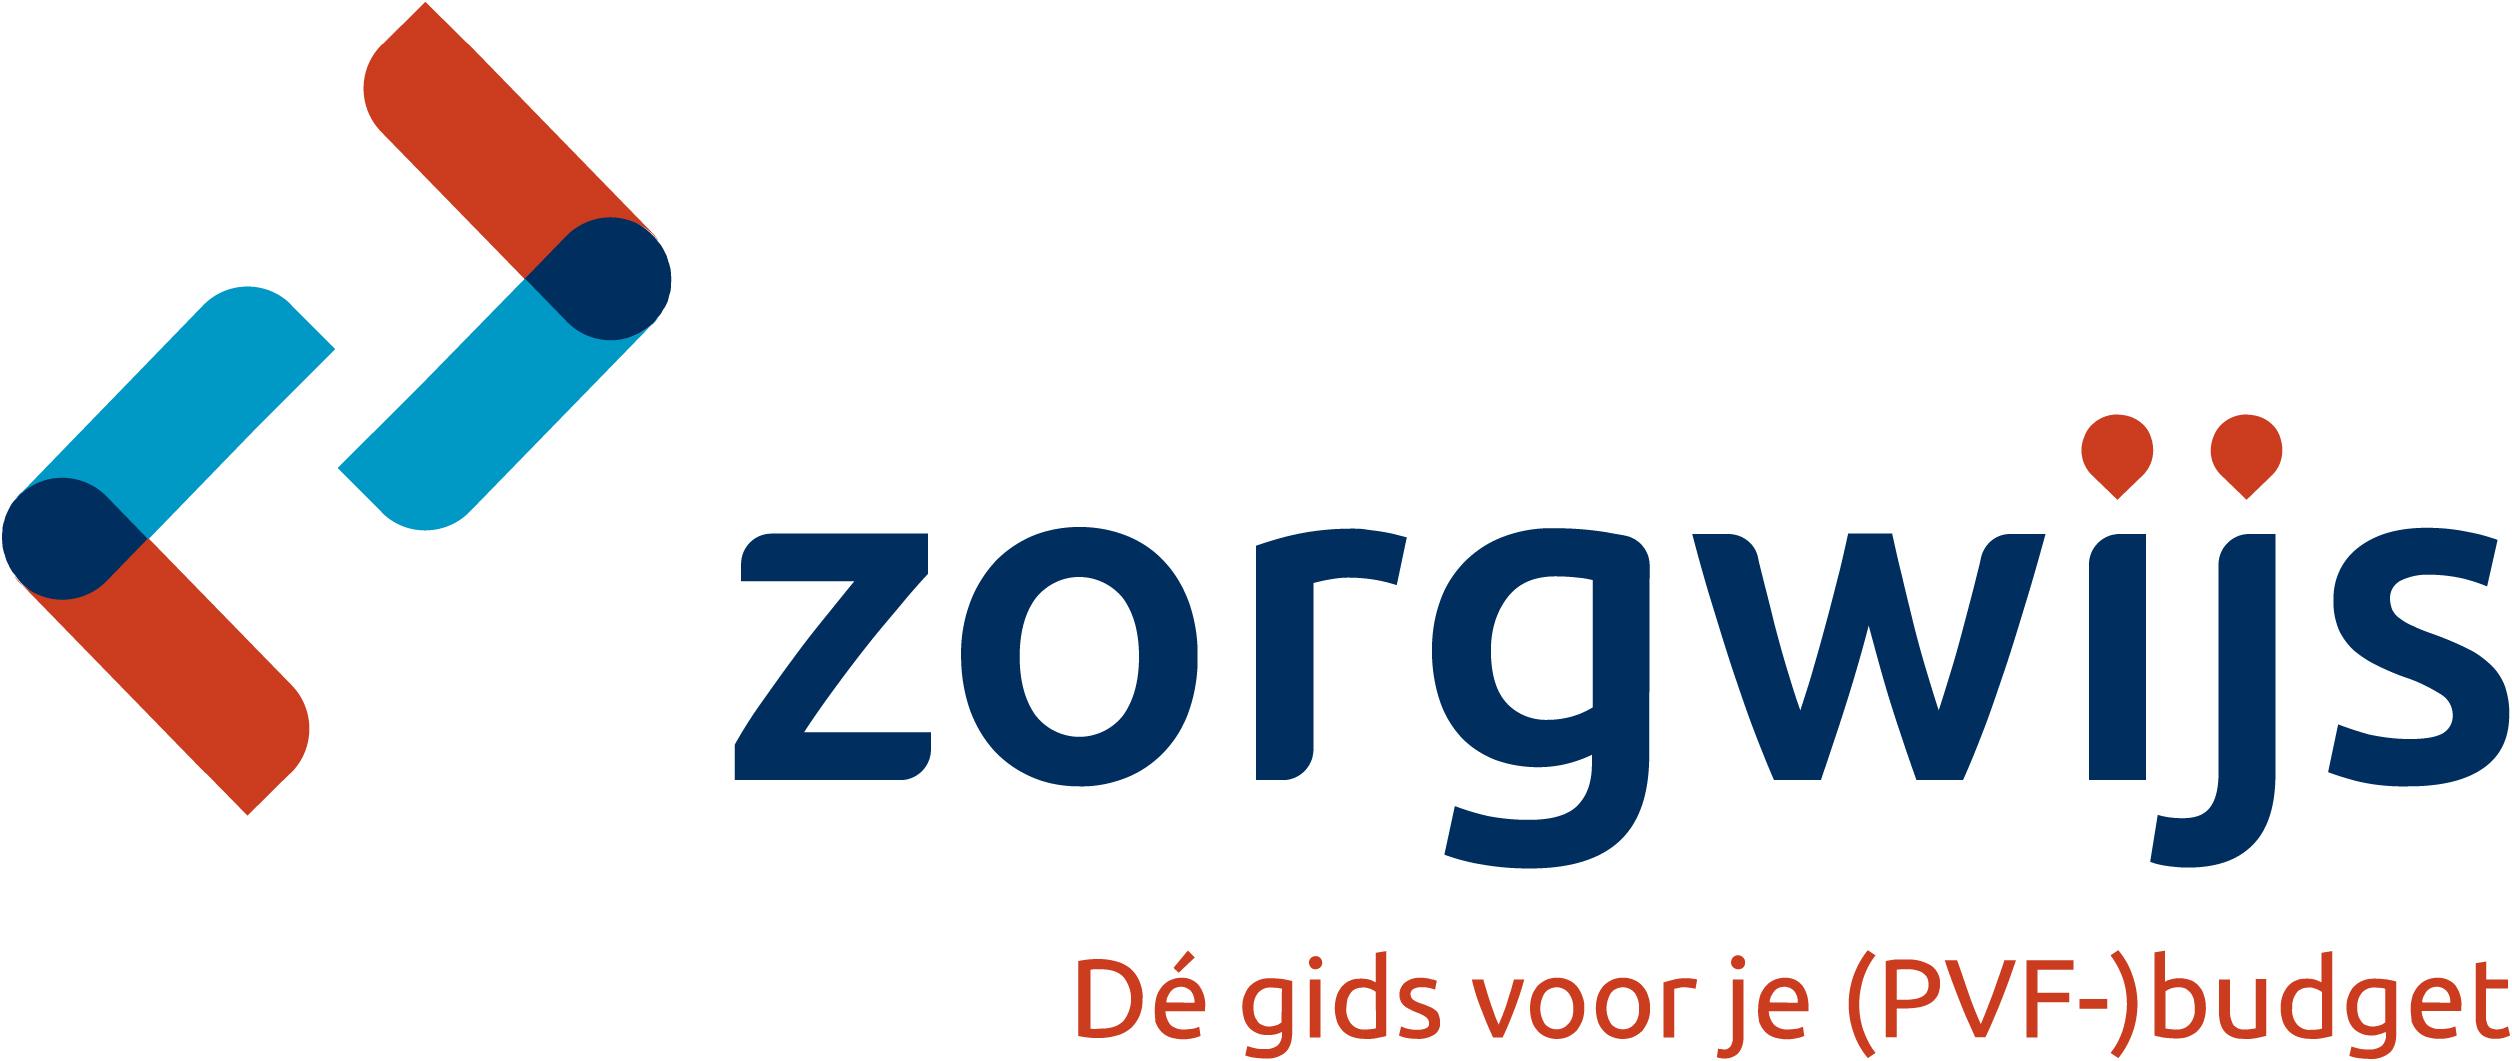 Logo-Zorgwijs Nieuw platform Zorgwijs.be wijst de weg naar zorg in de buurt